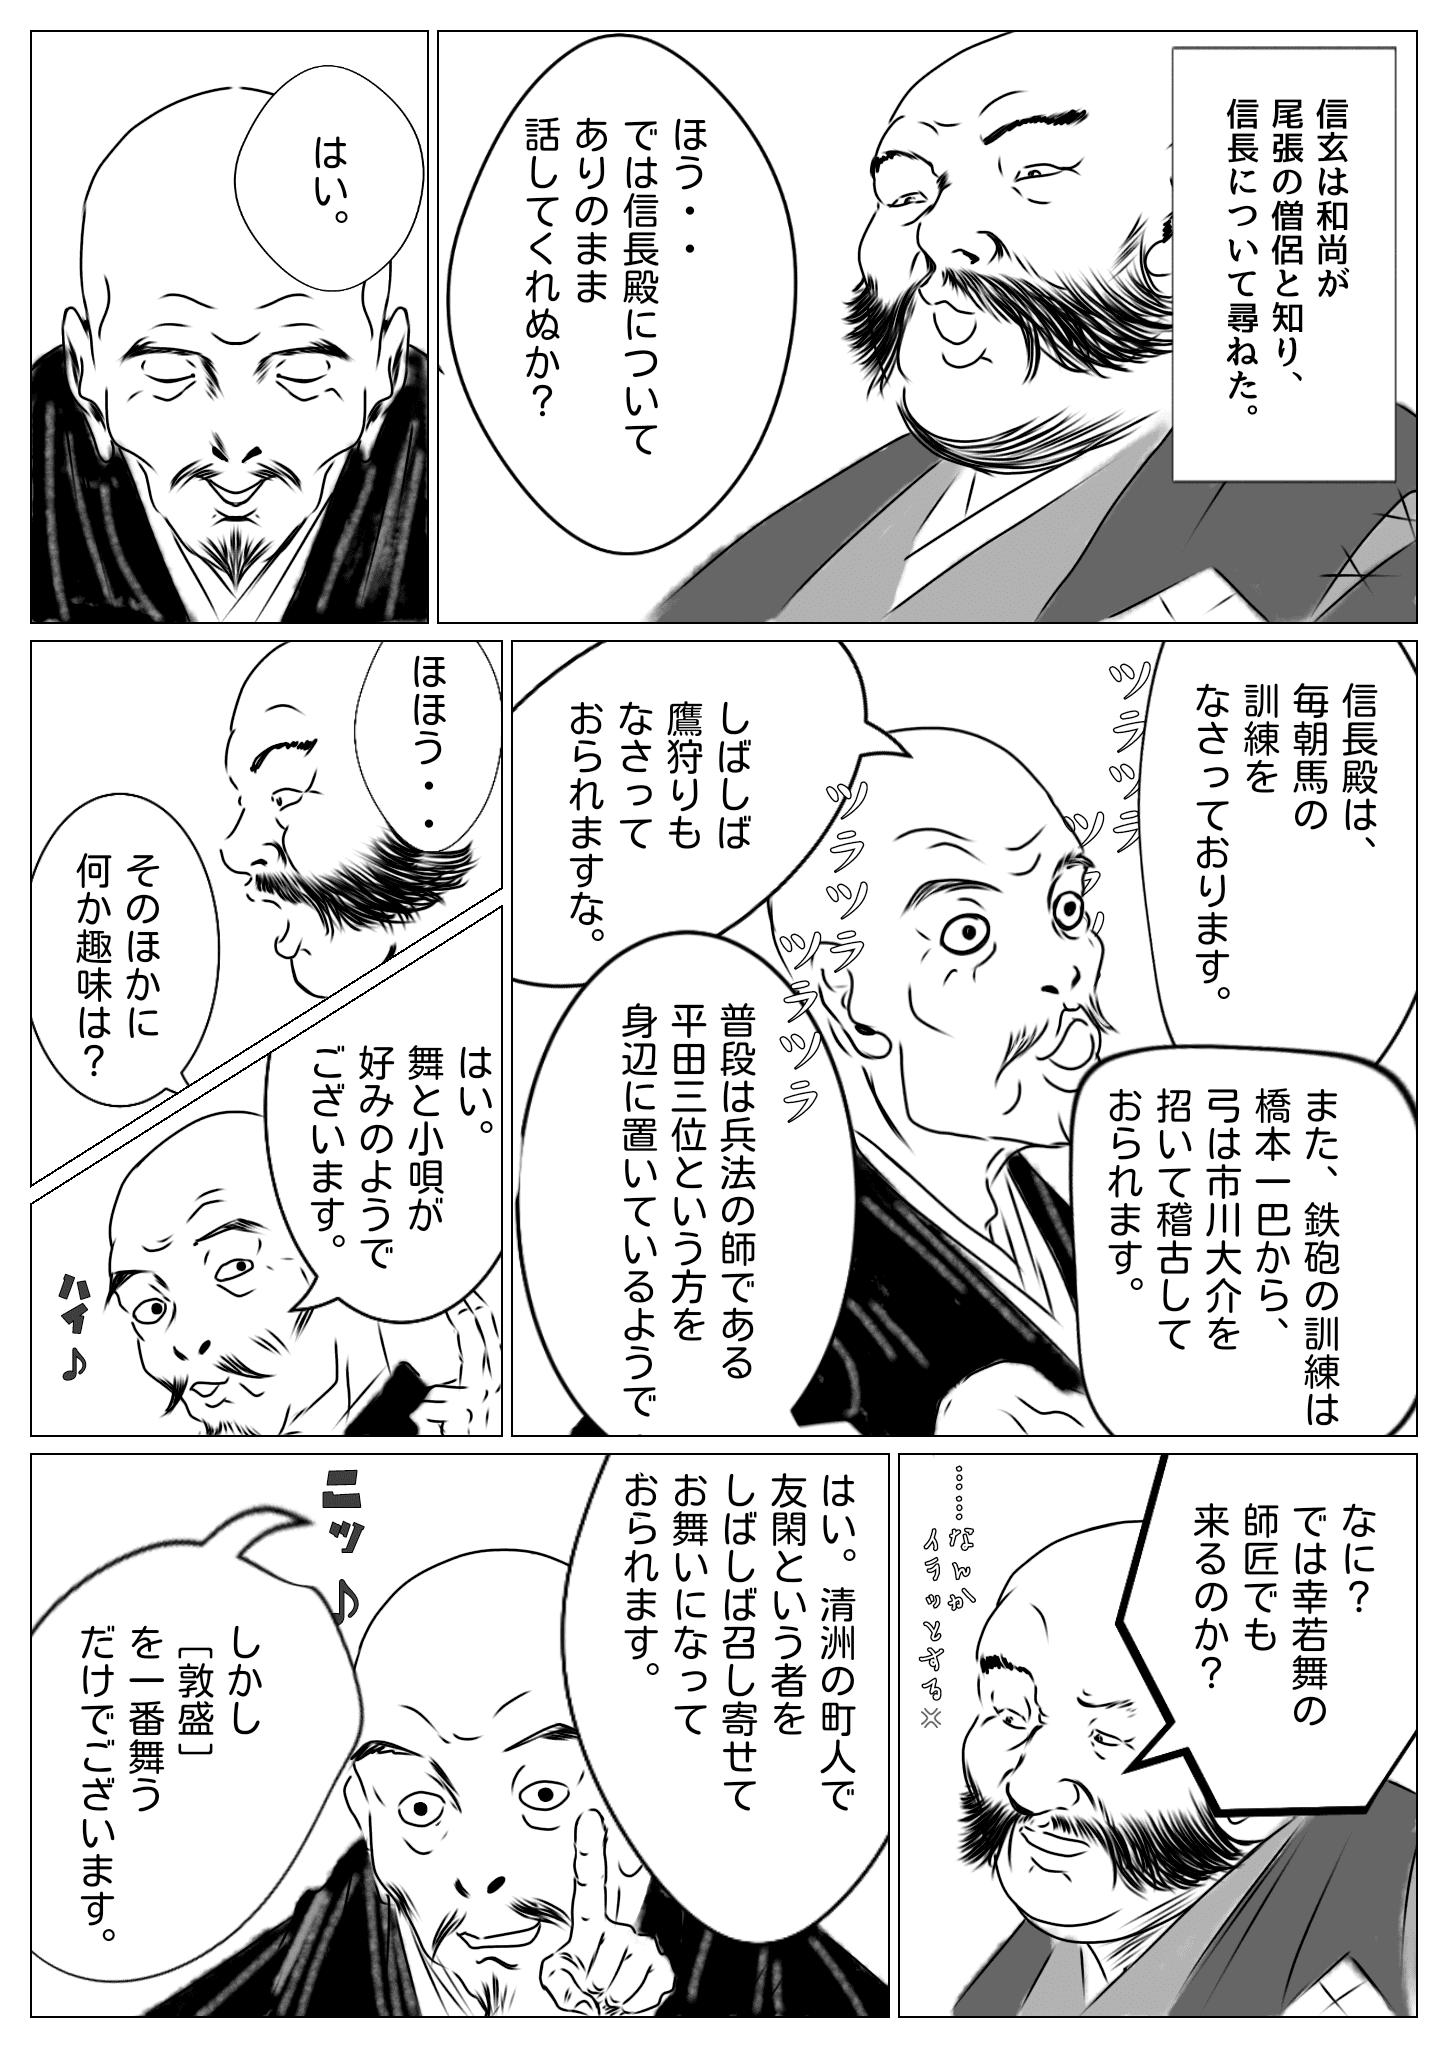 信長の日常を語る師僧天沢 2ページ